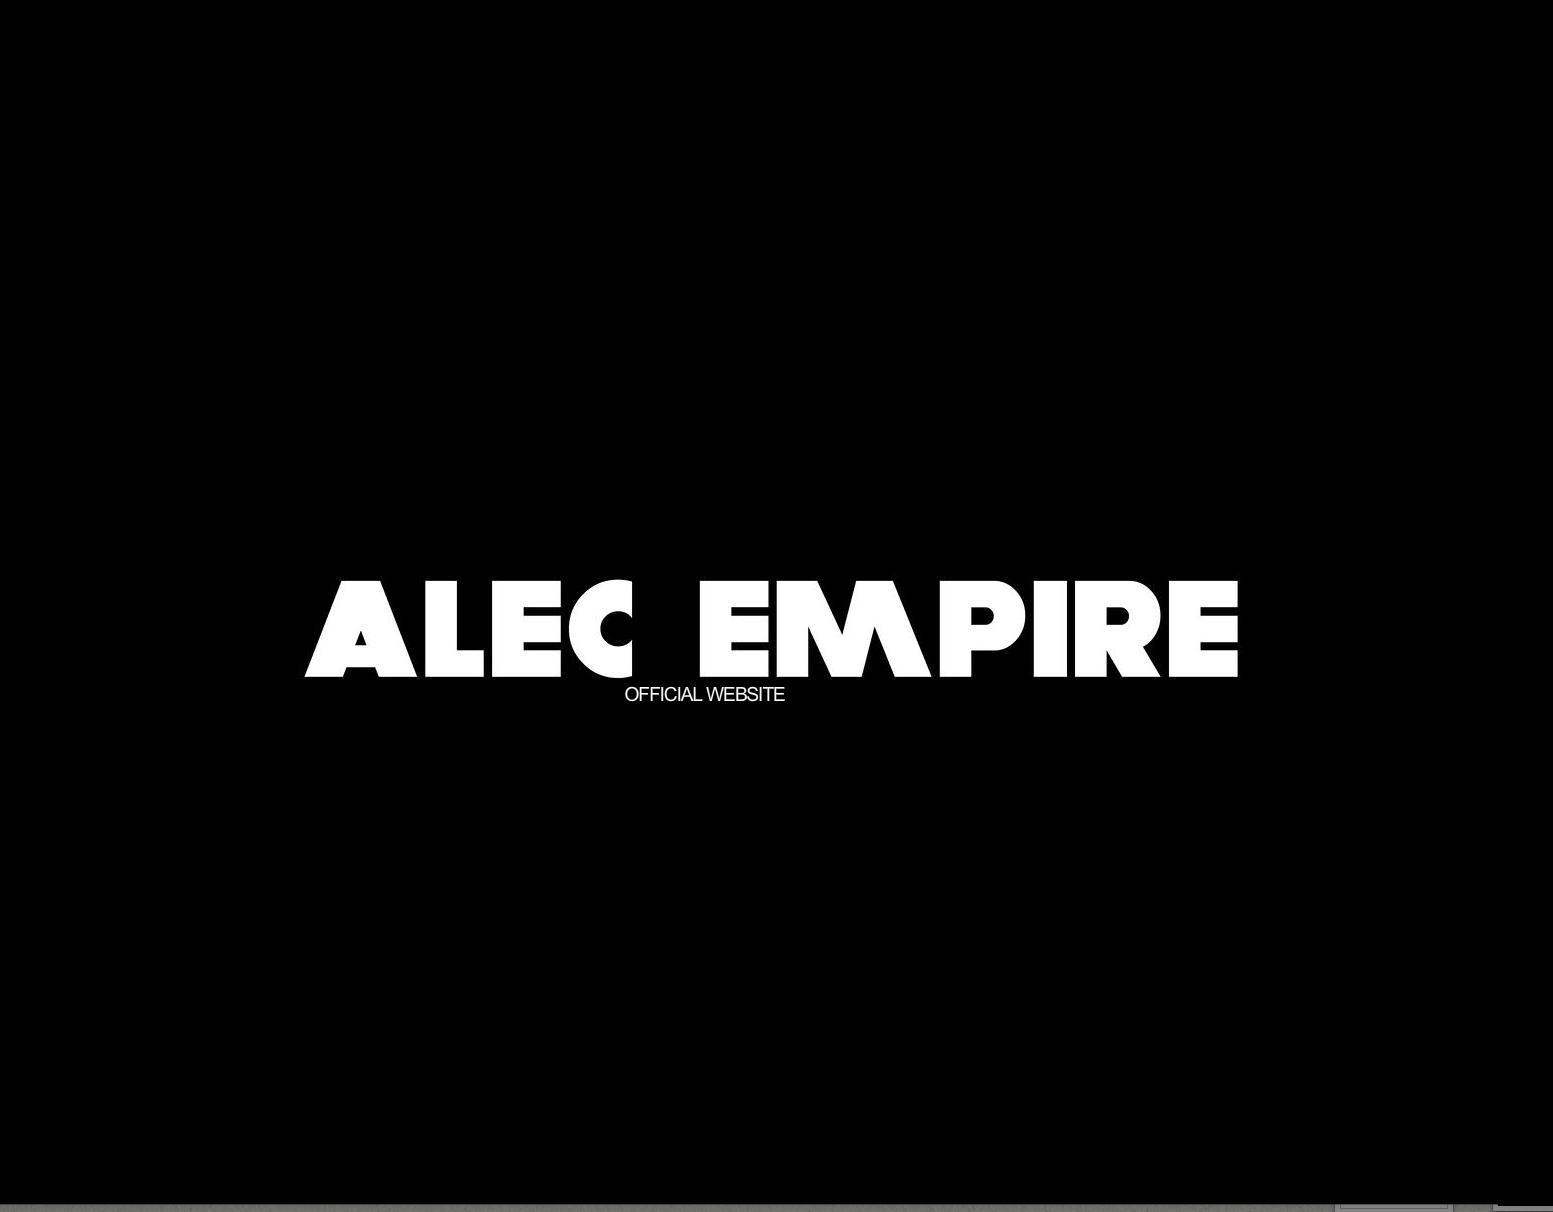 http://www.alec-empire.com